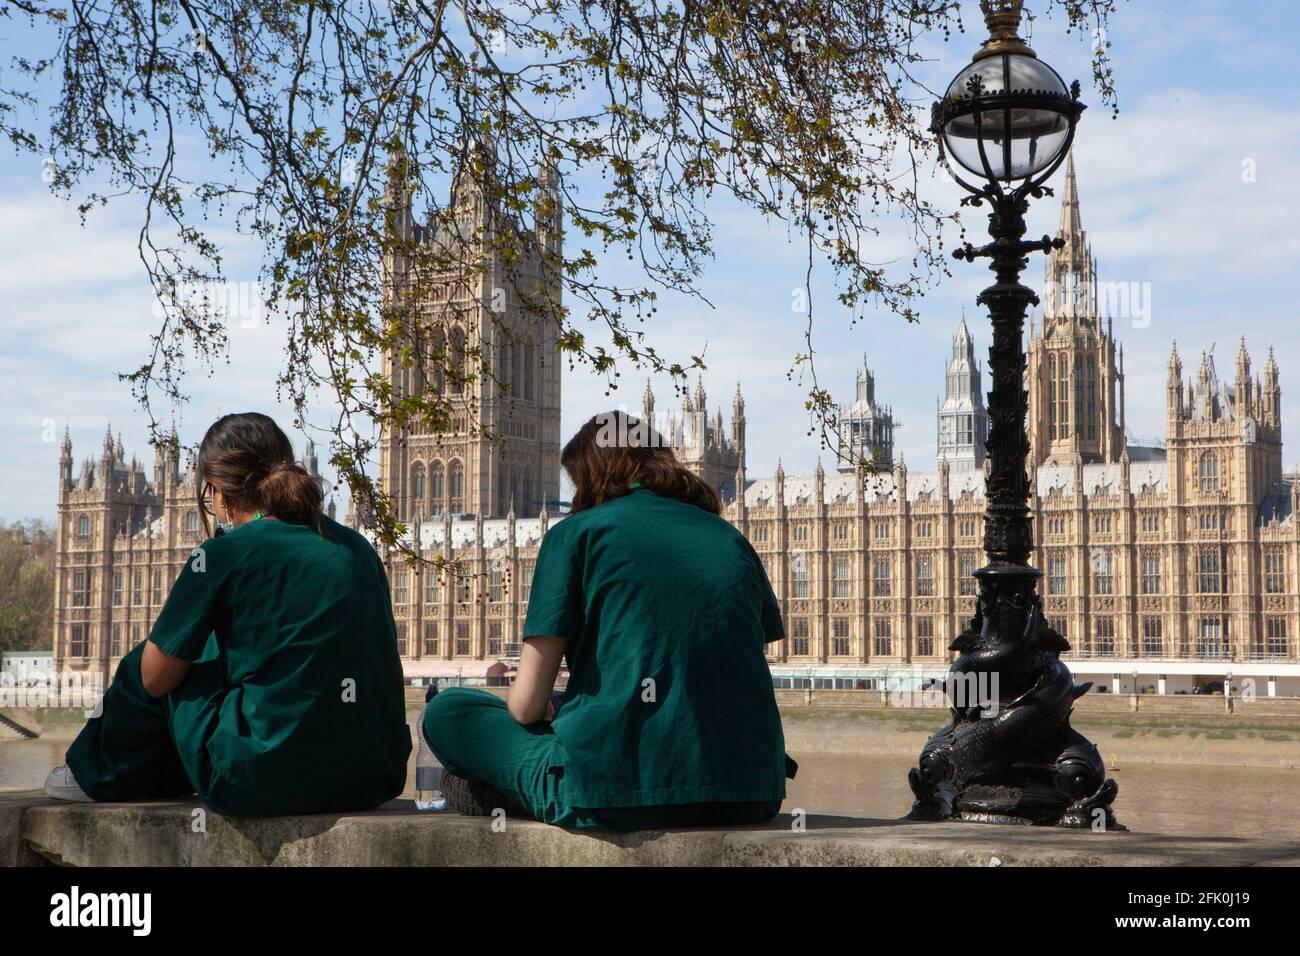 Londres, Royaume-Uni, 27 avril 2021 : les médecins étudiants Charlie et Surina prennent une pause au-dessus du mur commémoratif national Covid alors que le Premier ministre Boris Johnson est toujours accusé d'avoir préféré que les « corps s'accumulent » plutôt que d'avoir un troisième verrouillage. Avec un coeur dessiné pour chacun des plus de 150,000 personnes qui sont mortes dans la pandémie de coronavirus au Royaume-Uni, le mémorial s'étend le long du mur de l'hôpital St Thomas, en face du Parlement sur la rive opposée de la Tamise. Anna Watson/Alay Live News Banque D'Images